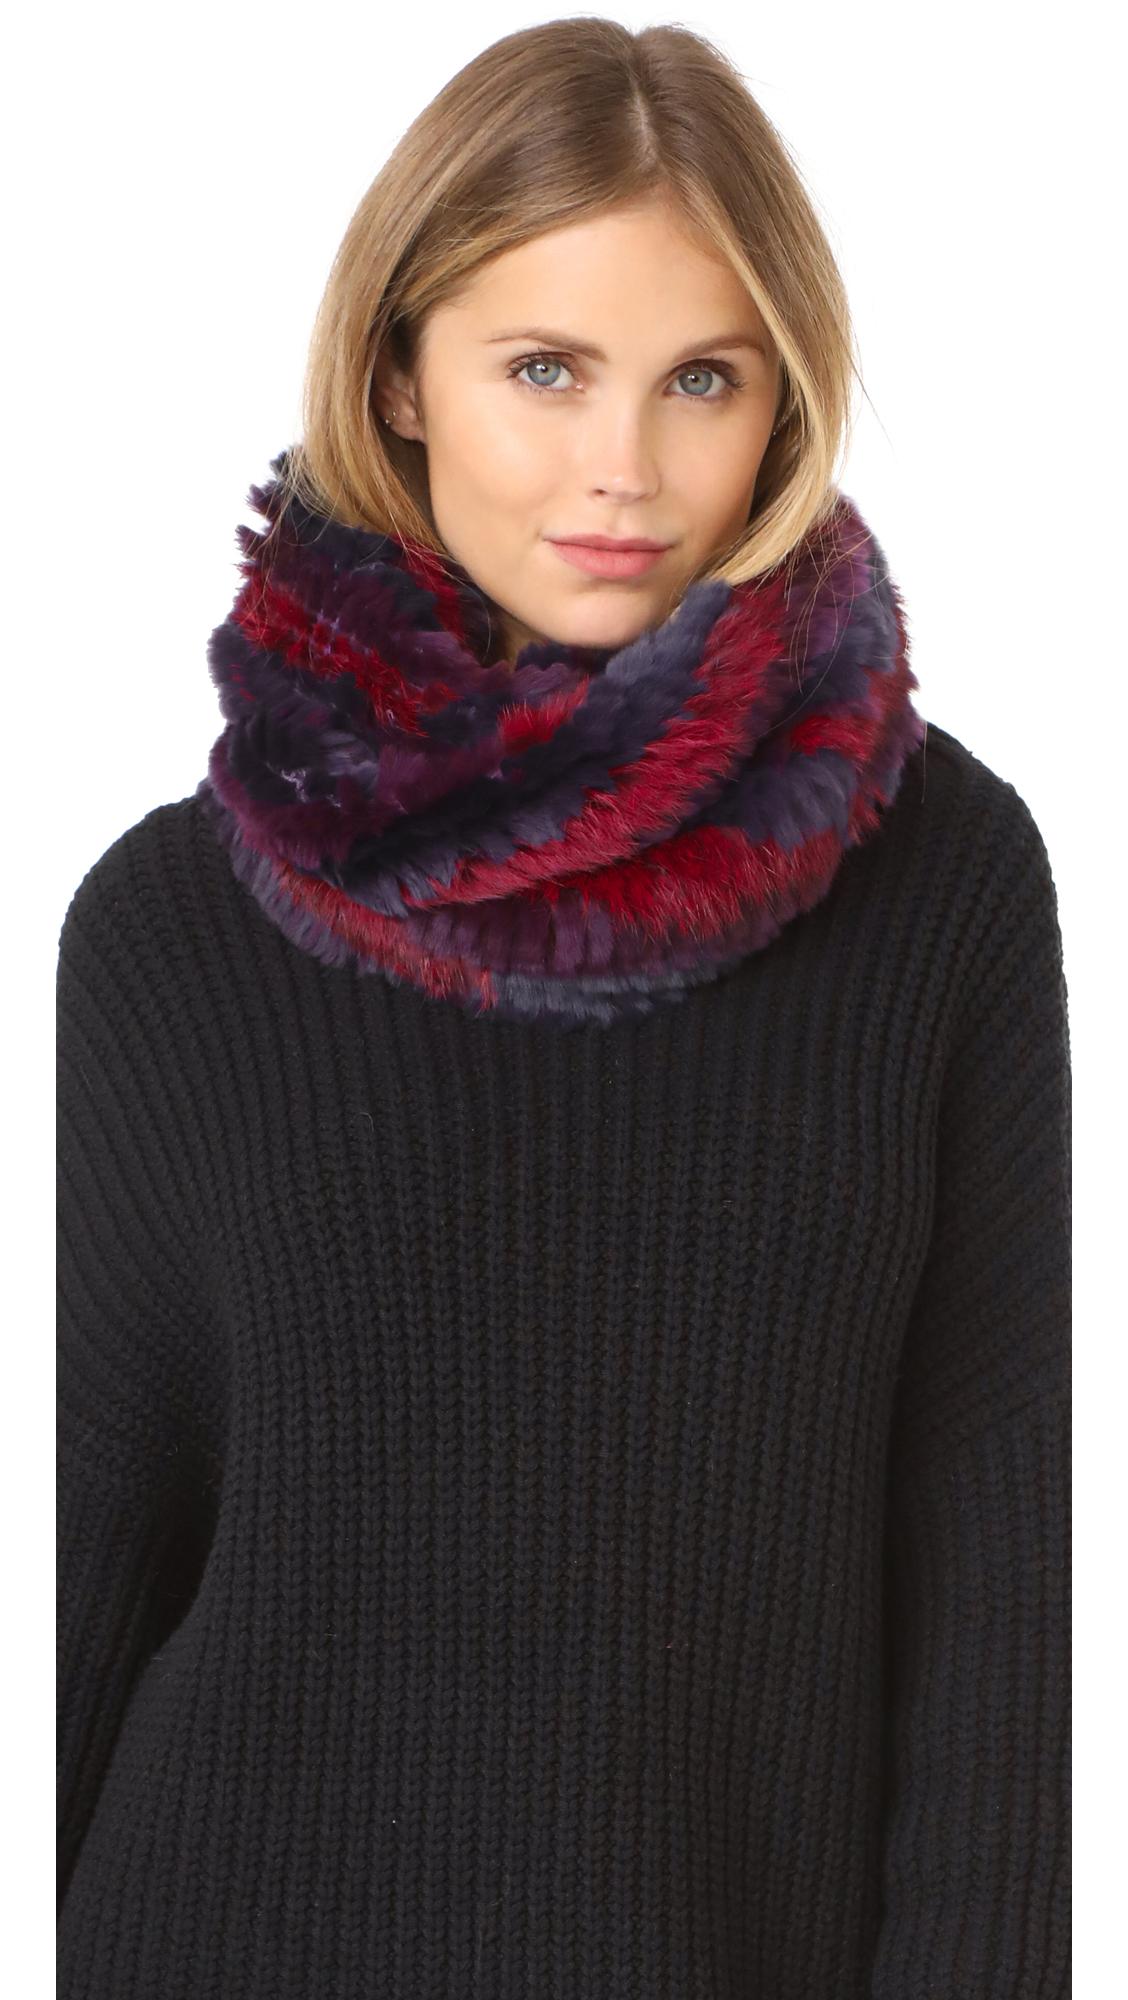 Jocelyn Knitted Fur Infinity Scarf - Navy Multi